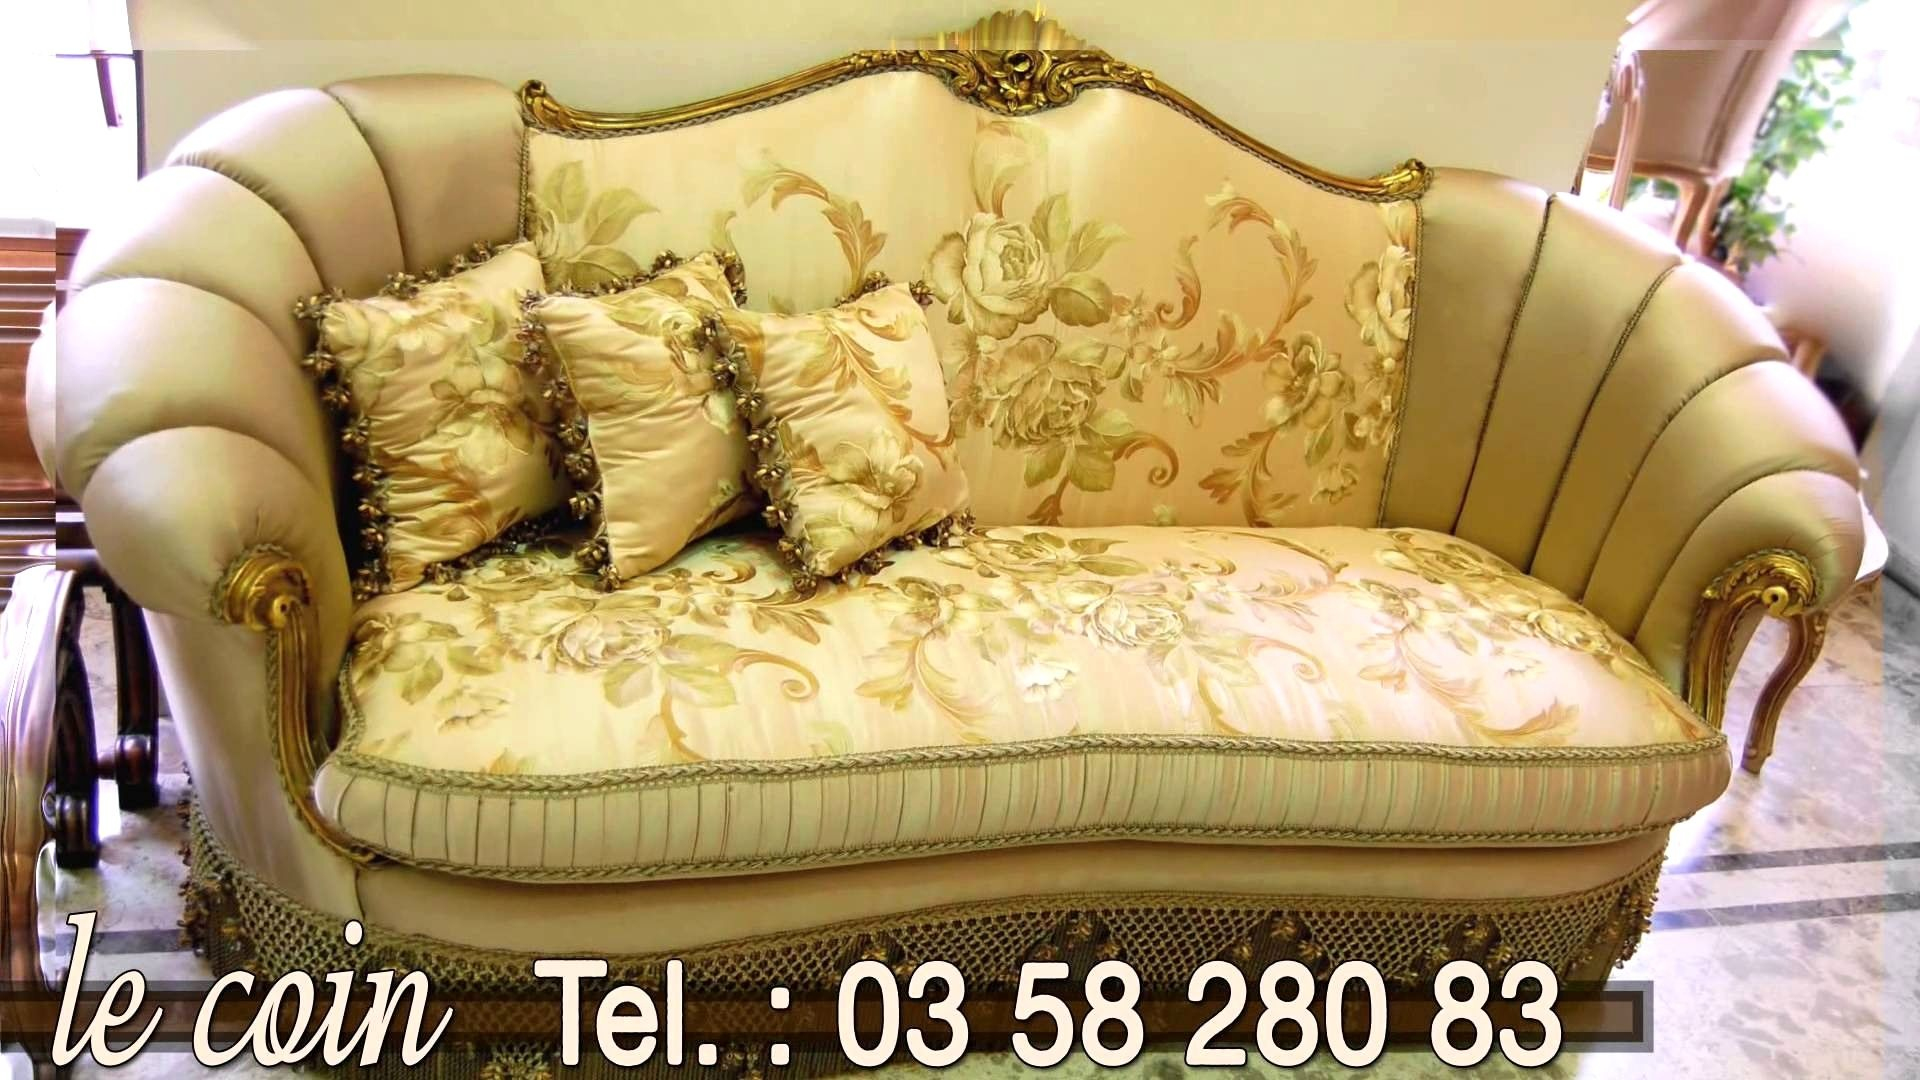 But Lit Escamotable Beau Image sommier Escamotable Luxe Matelas 140—200 but élégant Conforama Evry